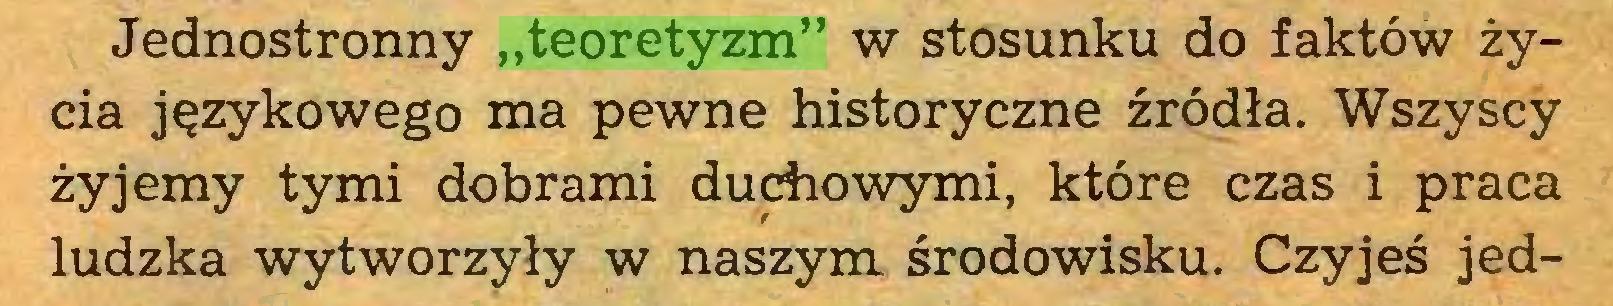 """(...) Jednostronny """"teoretyzm"""" w stosunku do faktów życia językowego ma pewne historyczne źródła. Wszyscy żyjemy tymi dobrami duchowymi, które czas i praca ludzka wytworzyły w naszym środowisku. Czyjeś jed..."""